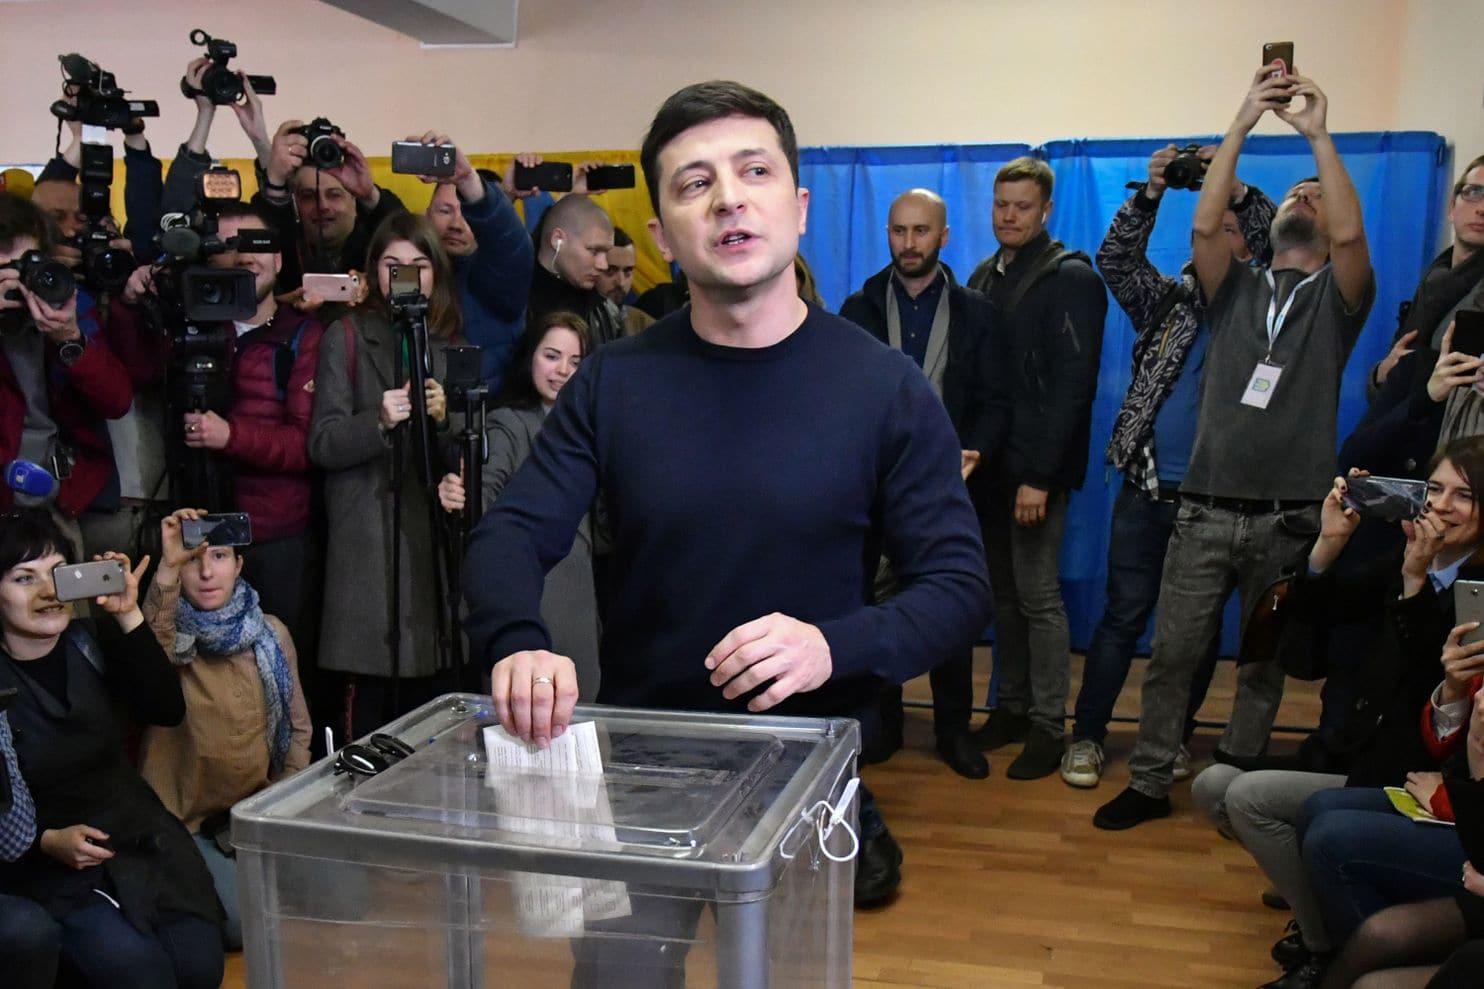 圖說:據法新社圖片報道,澤連斯基在一個投票站投下自己的一票